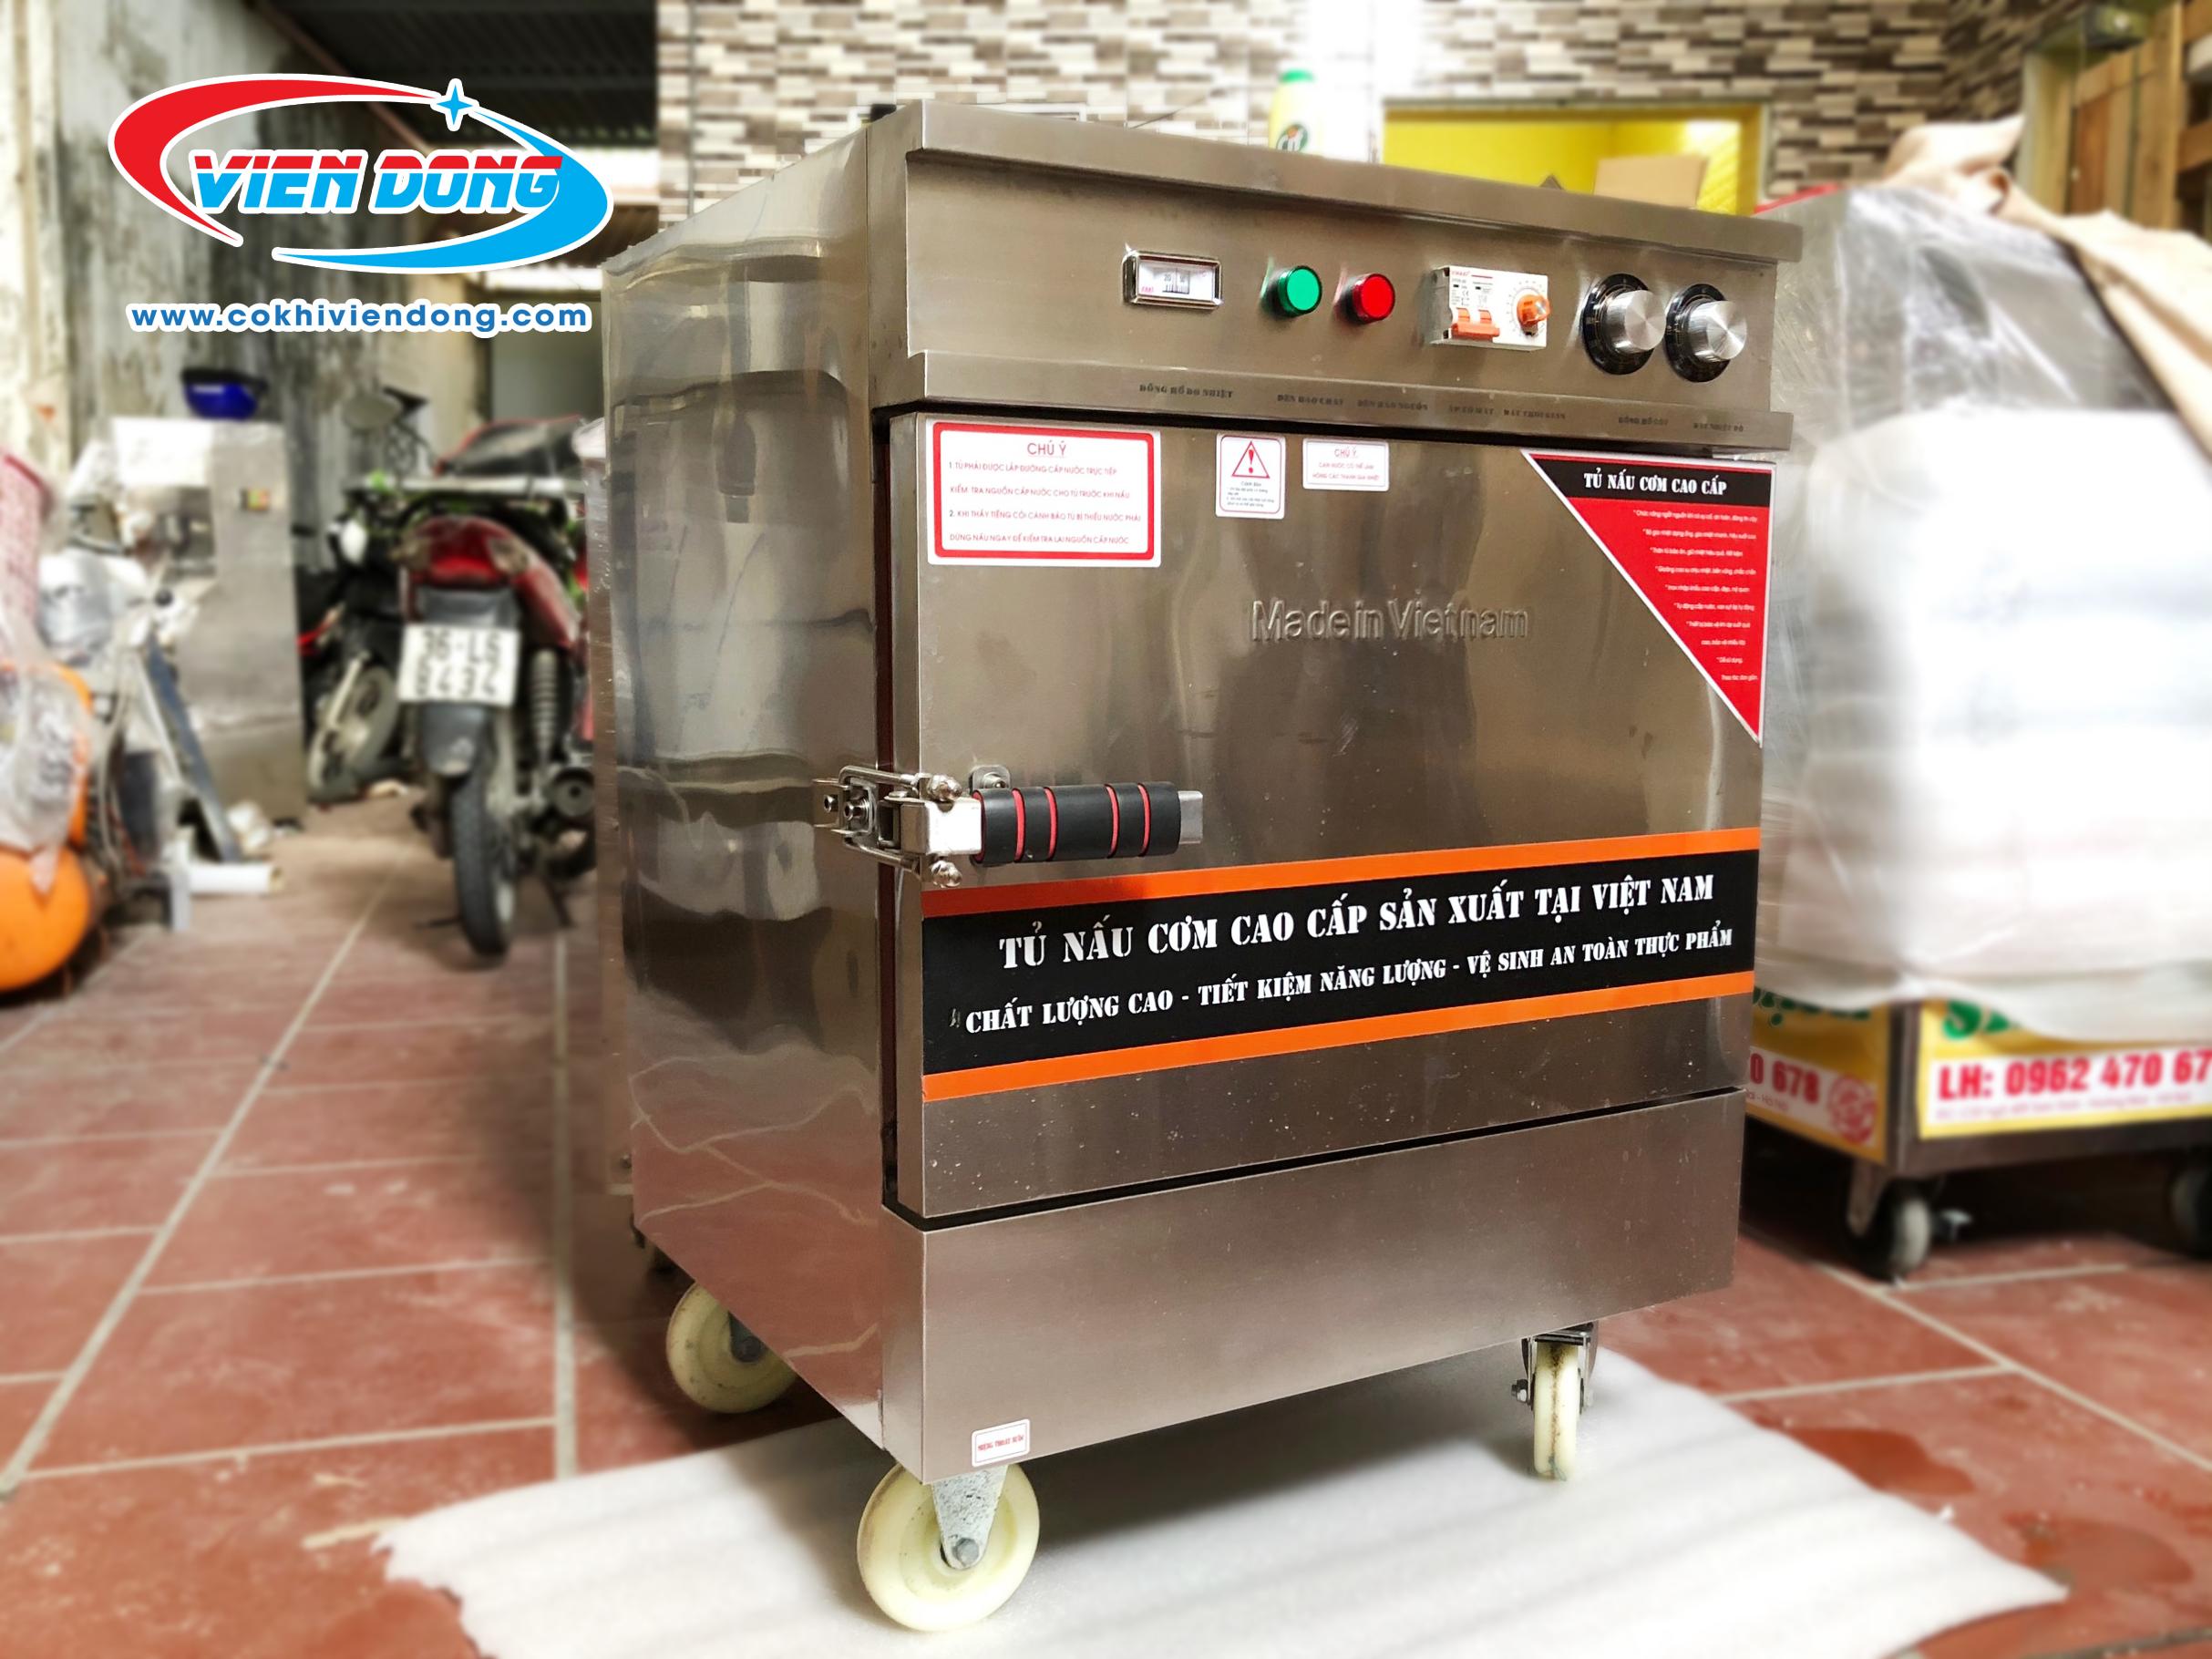 Tủ nấu cơm điện công nghiệp 4 khay